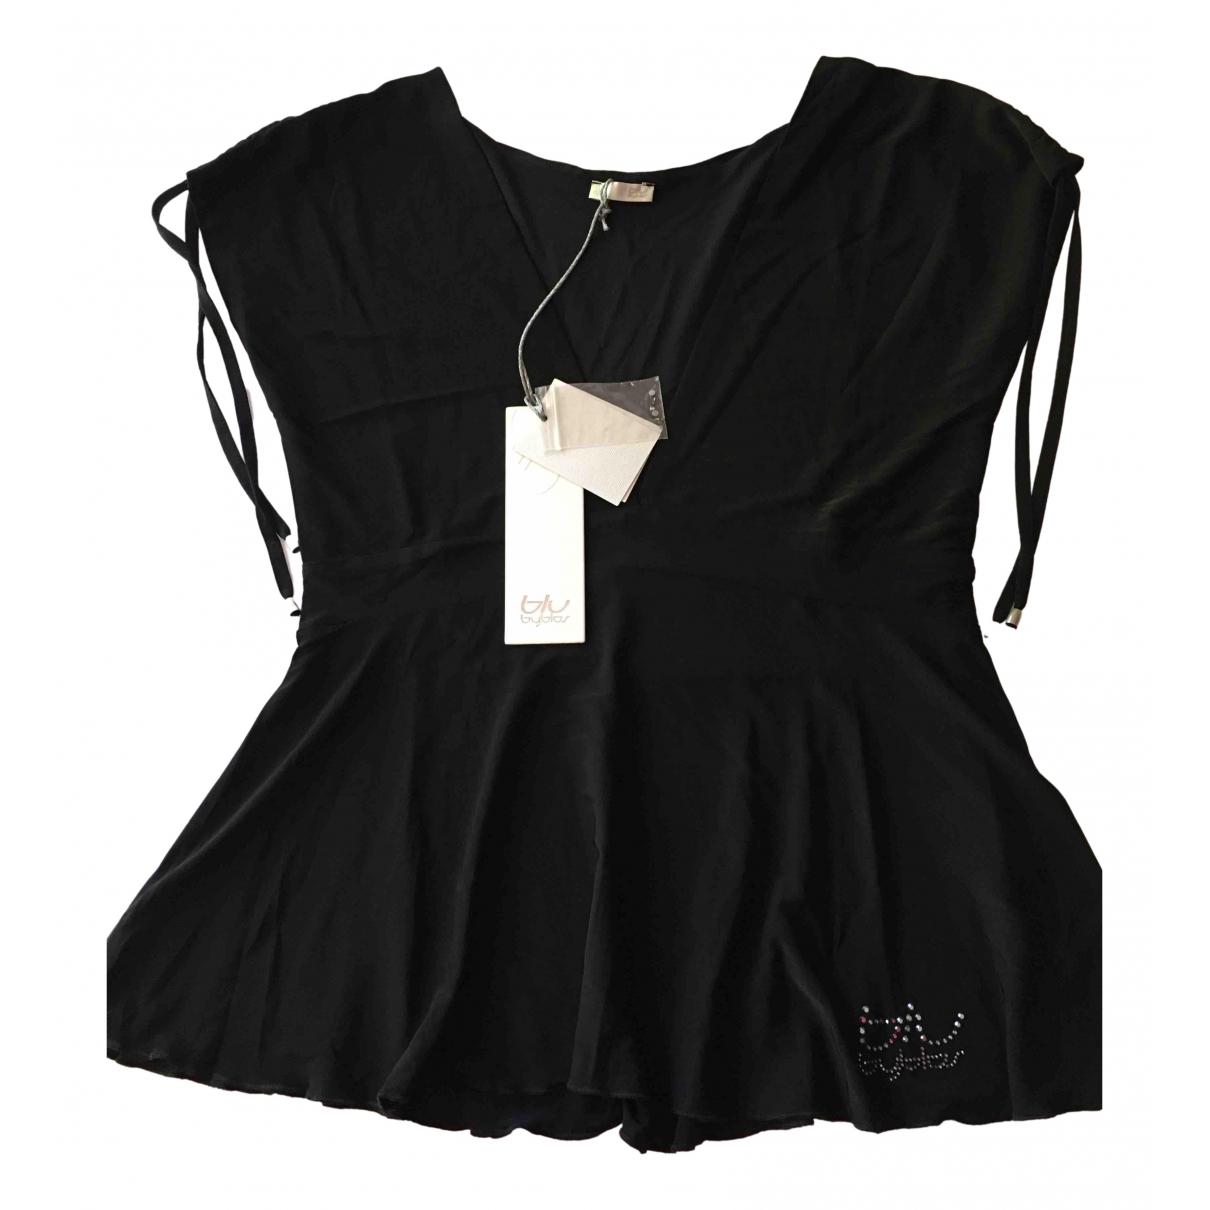 Byblos \N Black  top for Women 48 IT